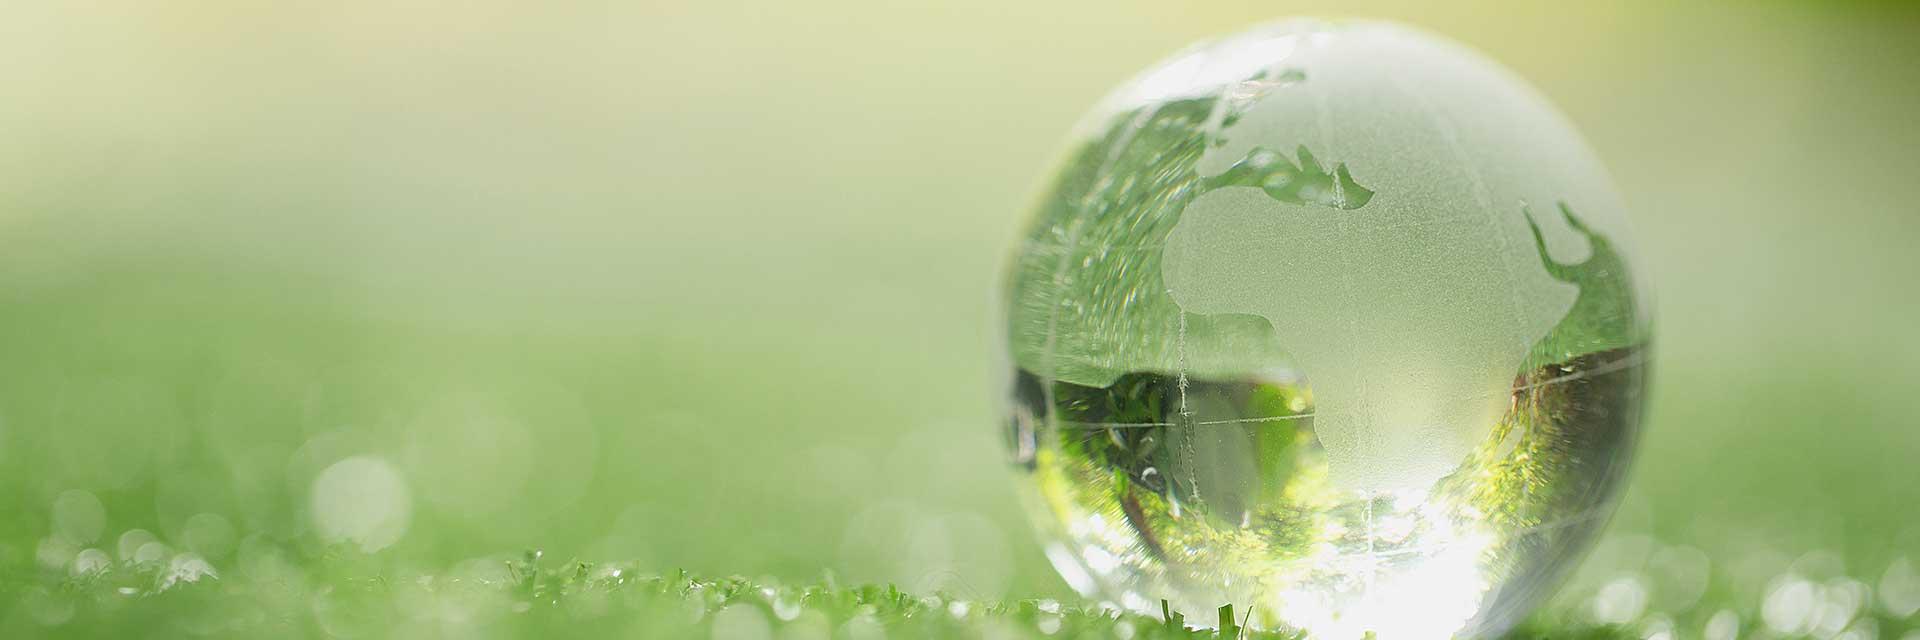 hållbarhet csr hållbar cirkular affärsmodell kickstart illustrerad av glänsande glasjordddglob